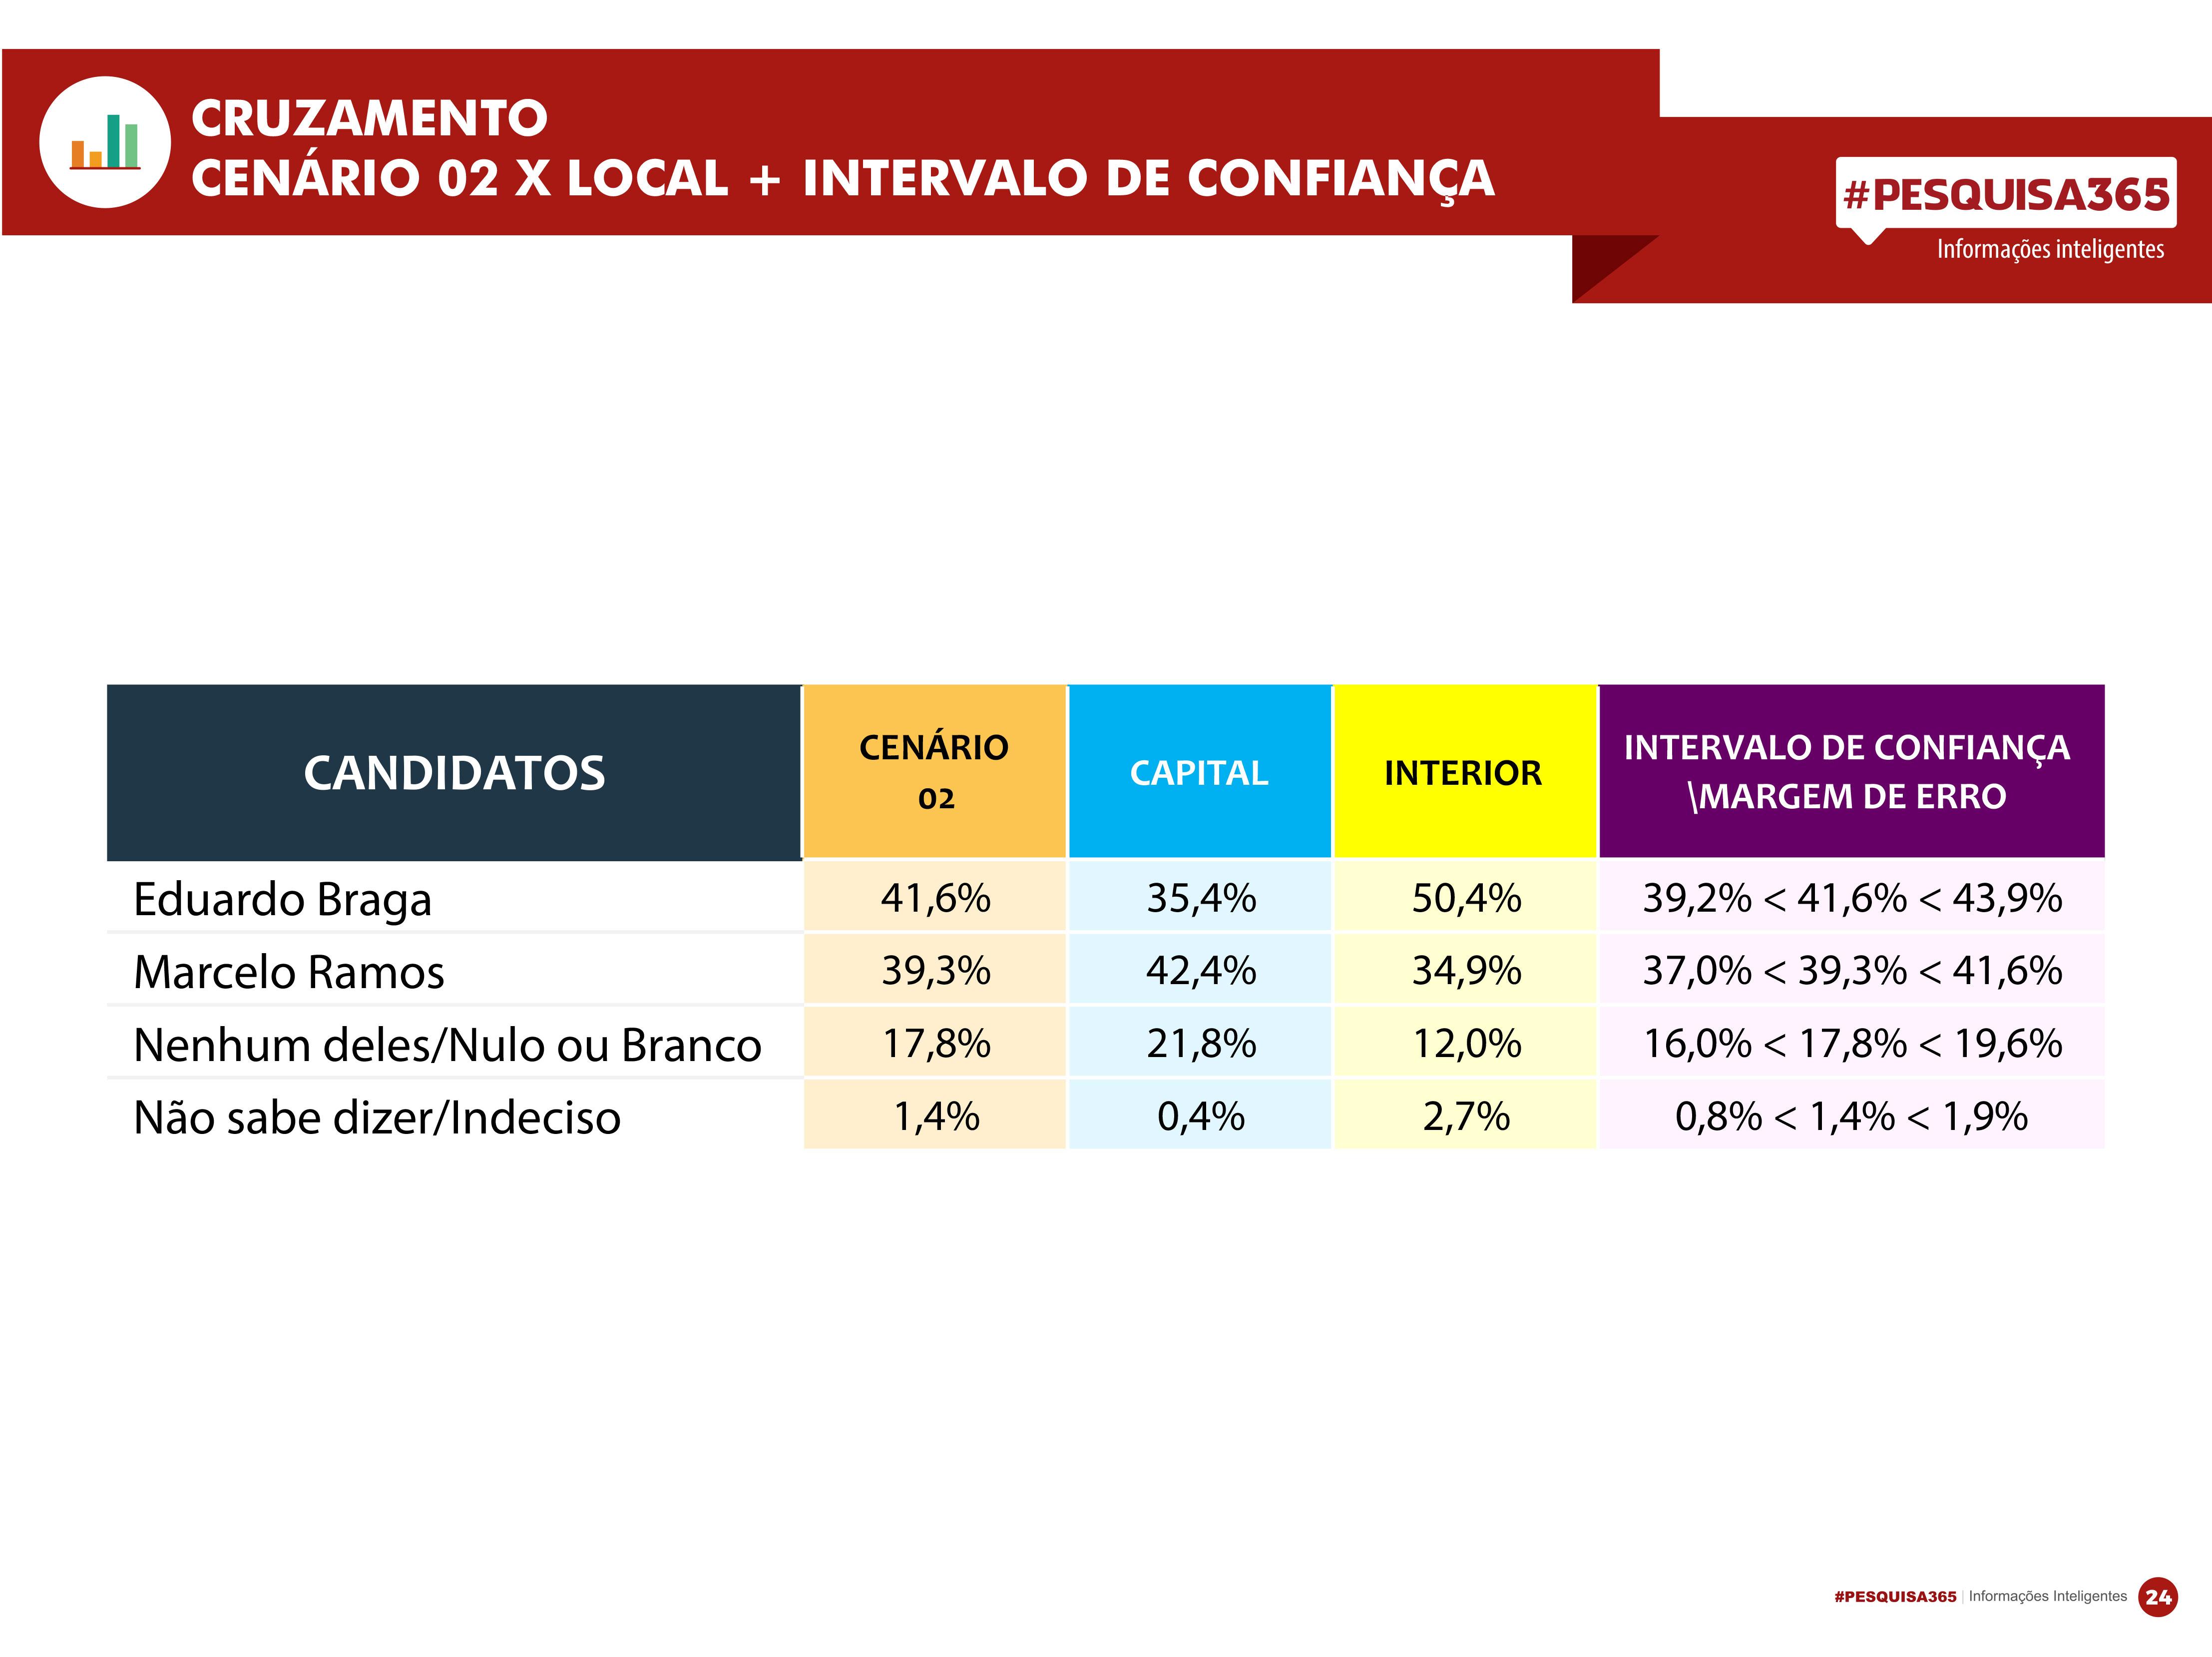 Durango Duarte - 1ª Pesquisa Eleitoral Governador do Amazonas 2017